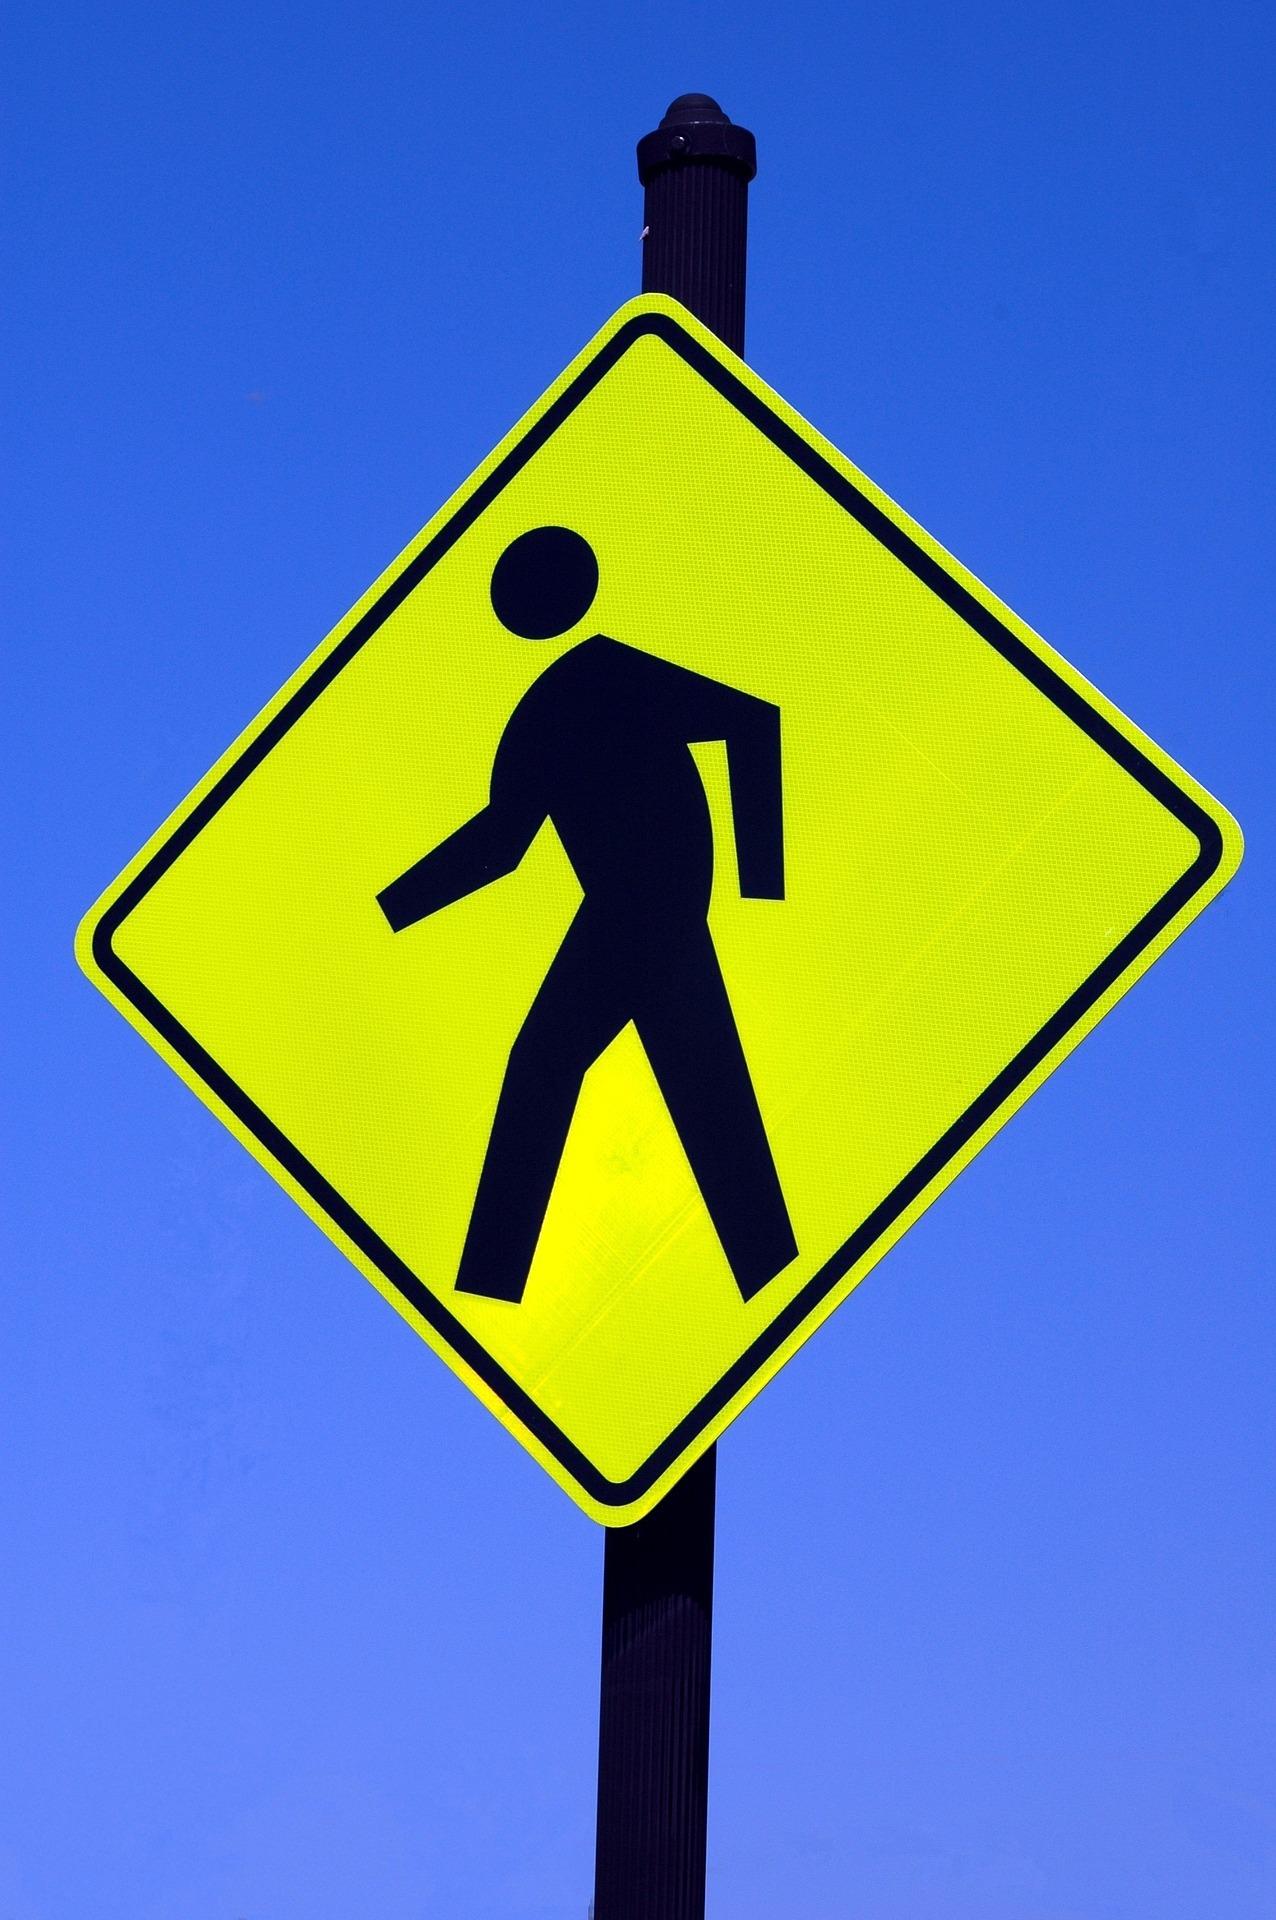 pedestrian-sign-1897335_1920.jpg